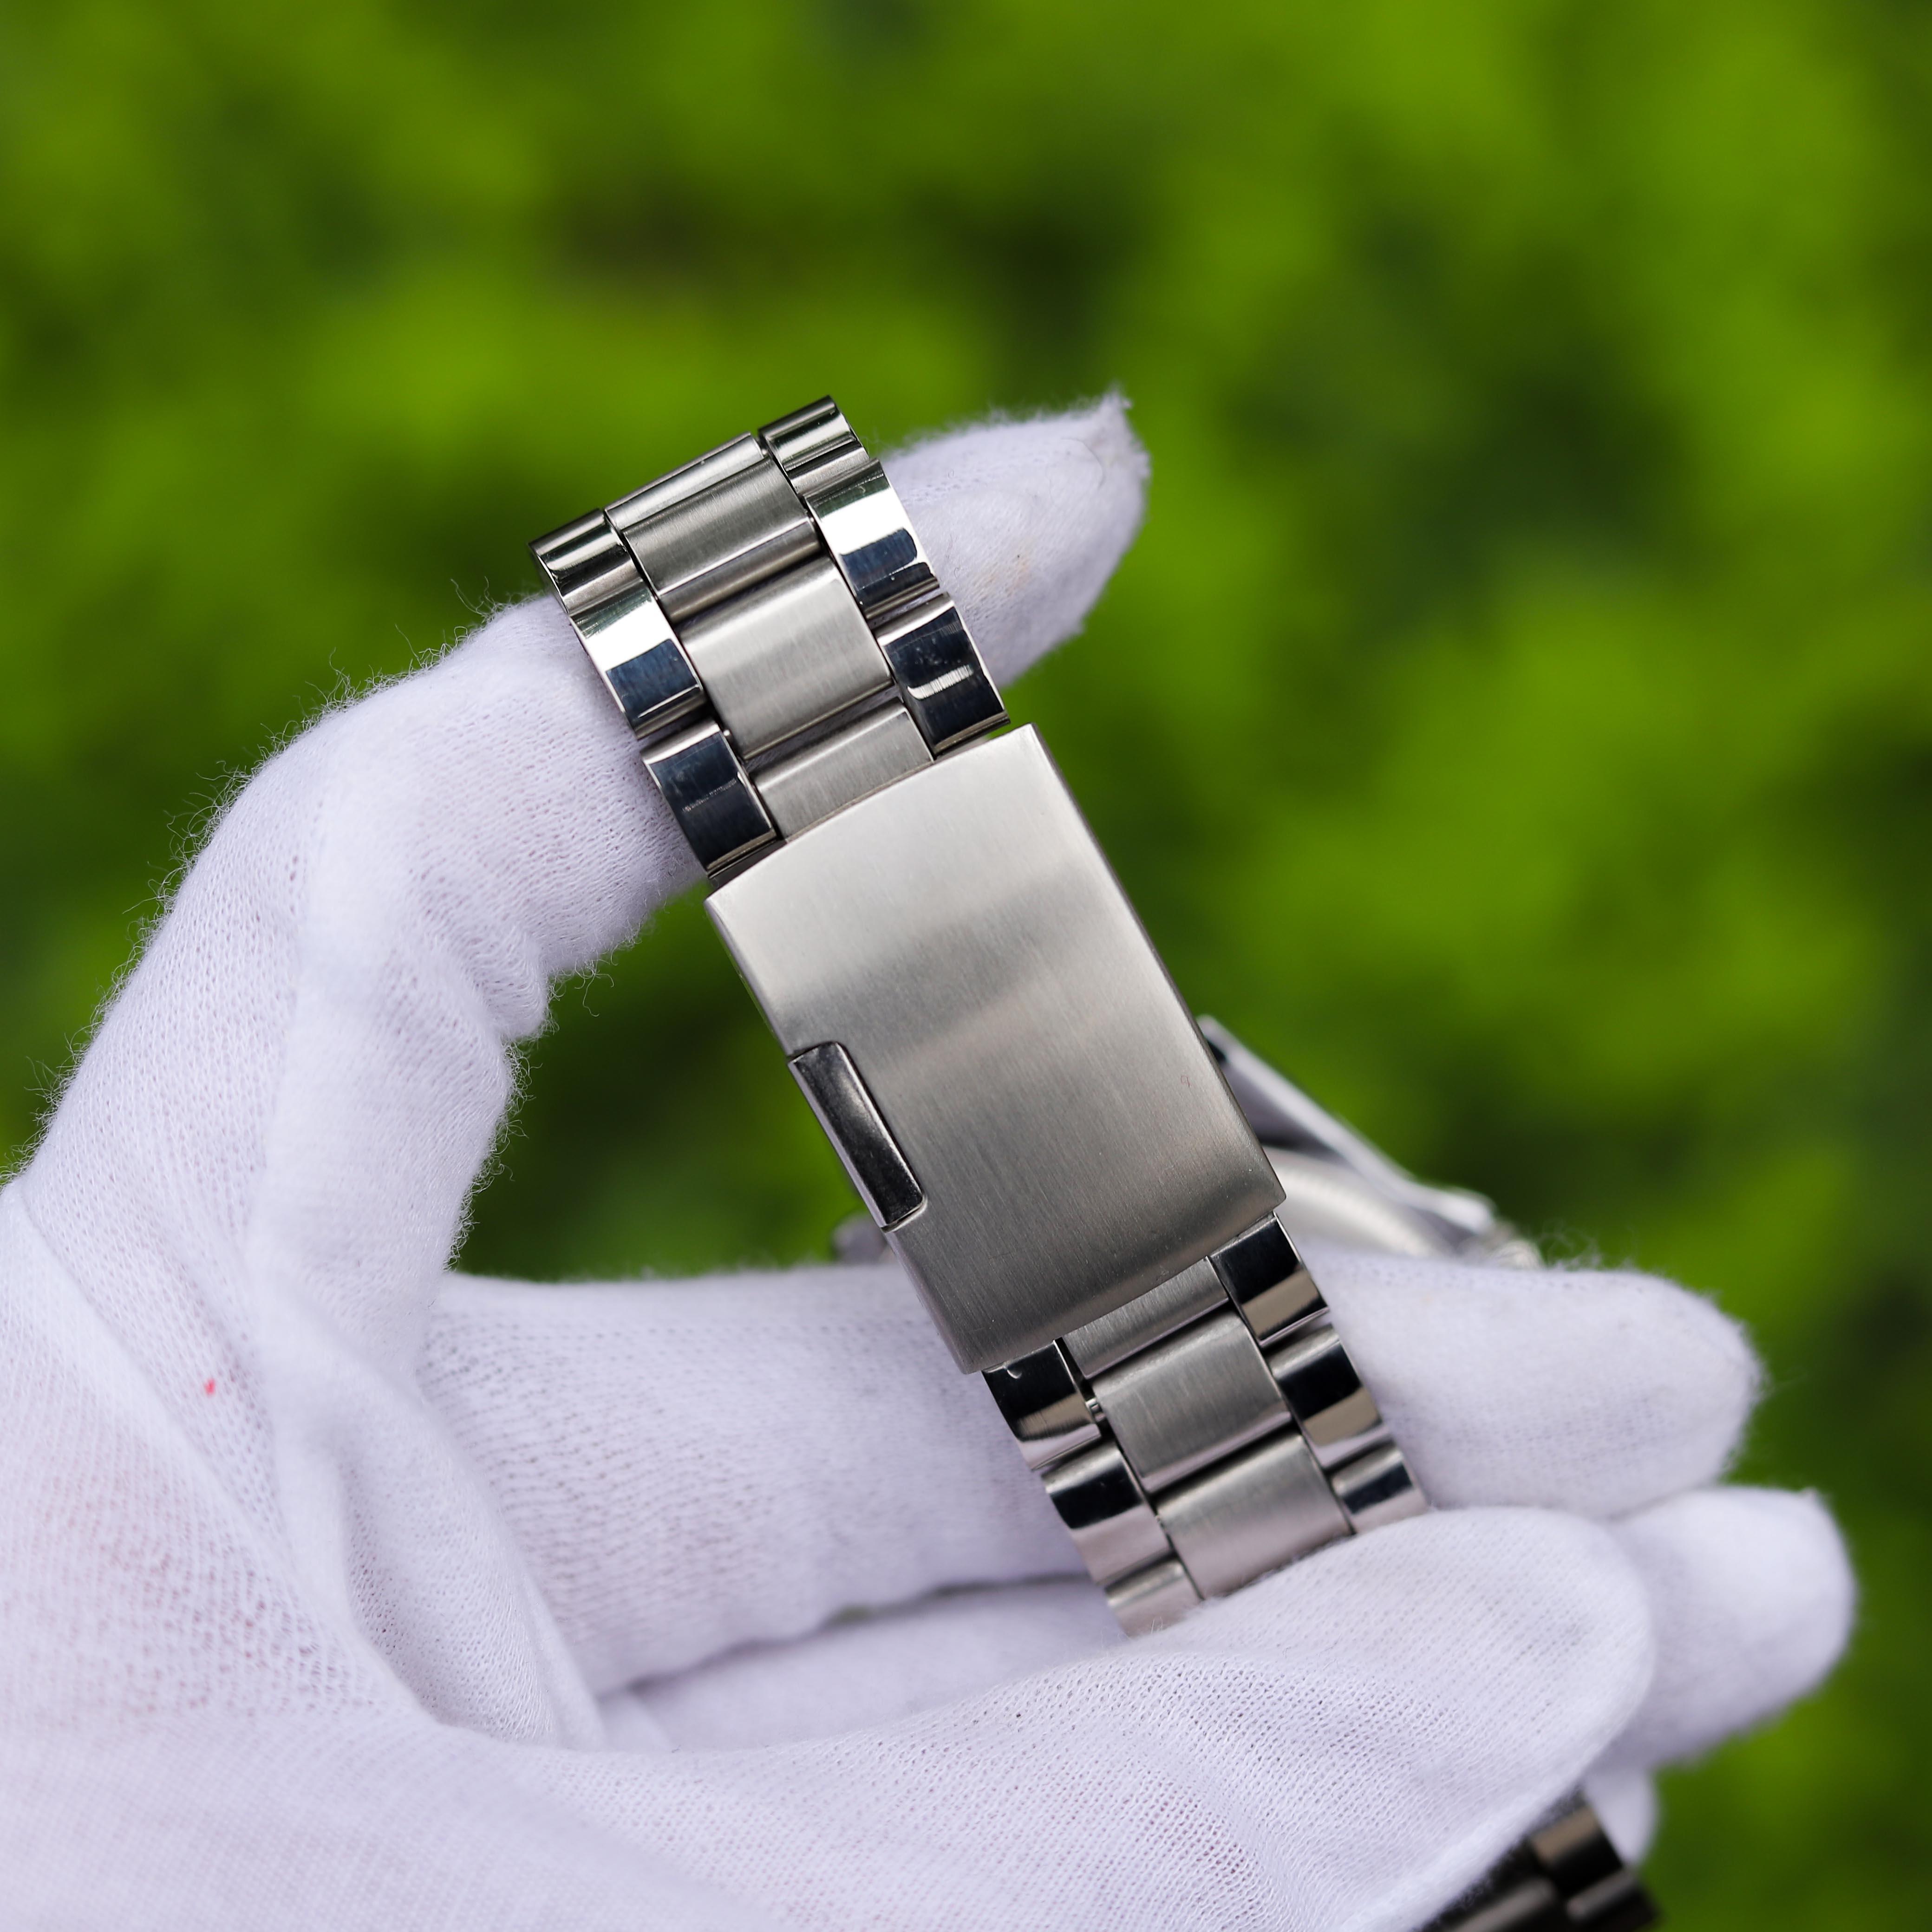 Đồng hồ nam cao cấp TI003050 – Thiết kế dây kim loại sang trọng, lịch lãm, dễ phối đồ – Phù hợp đi chơi, đi làm – Hiển thị lịch ngày tháng tiện lợi